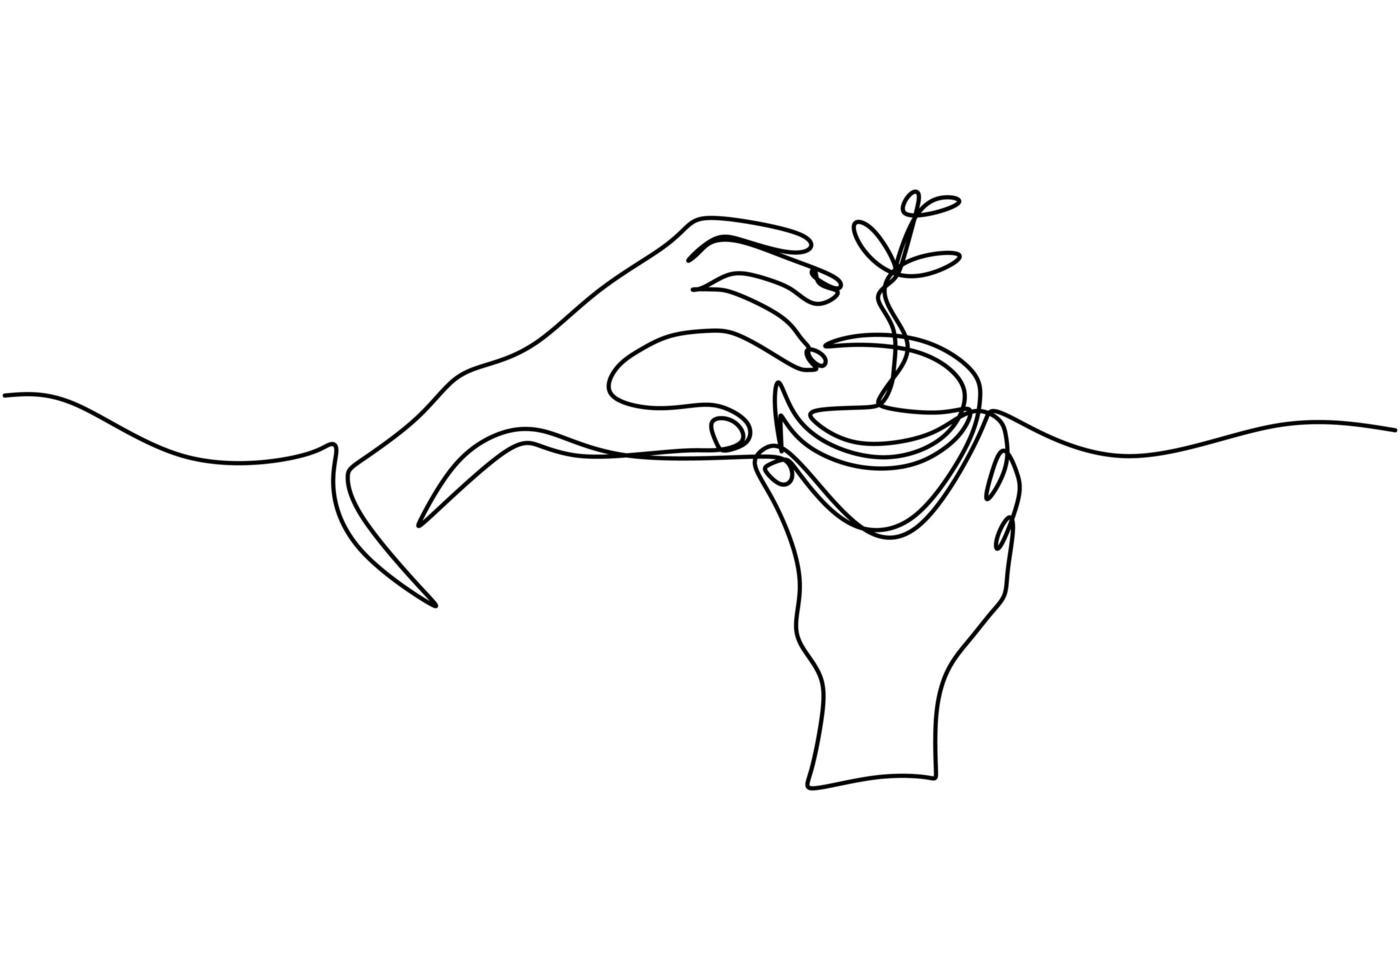 main tenant le pot de la plante. dessin continu d'une ligne du thème de retour à la nature. vecteur